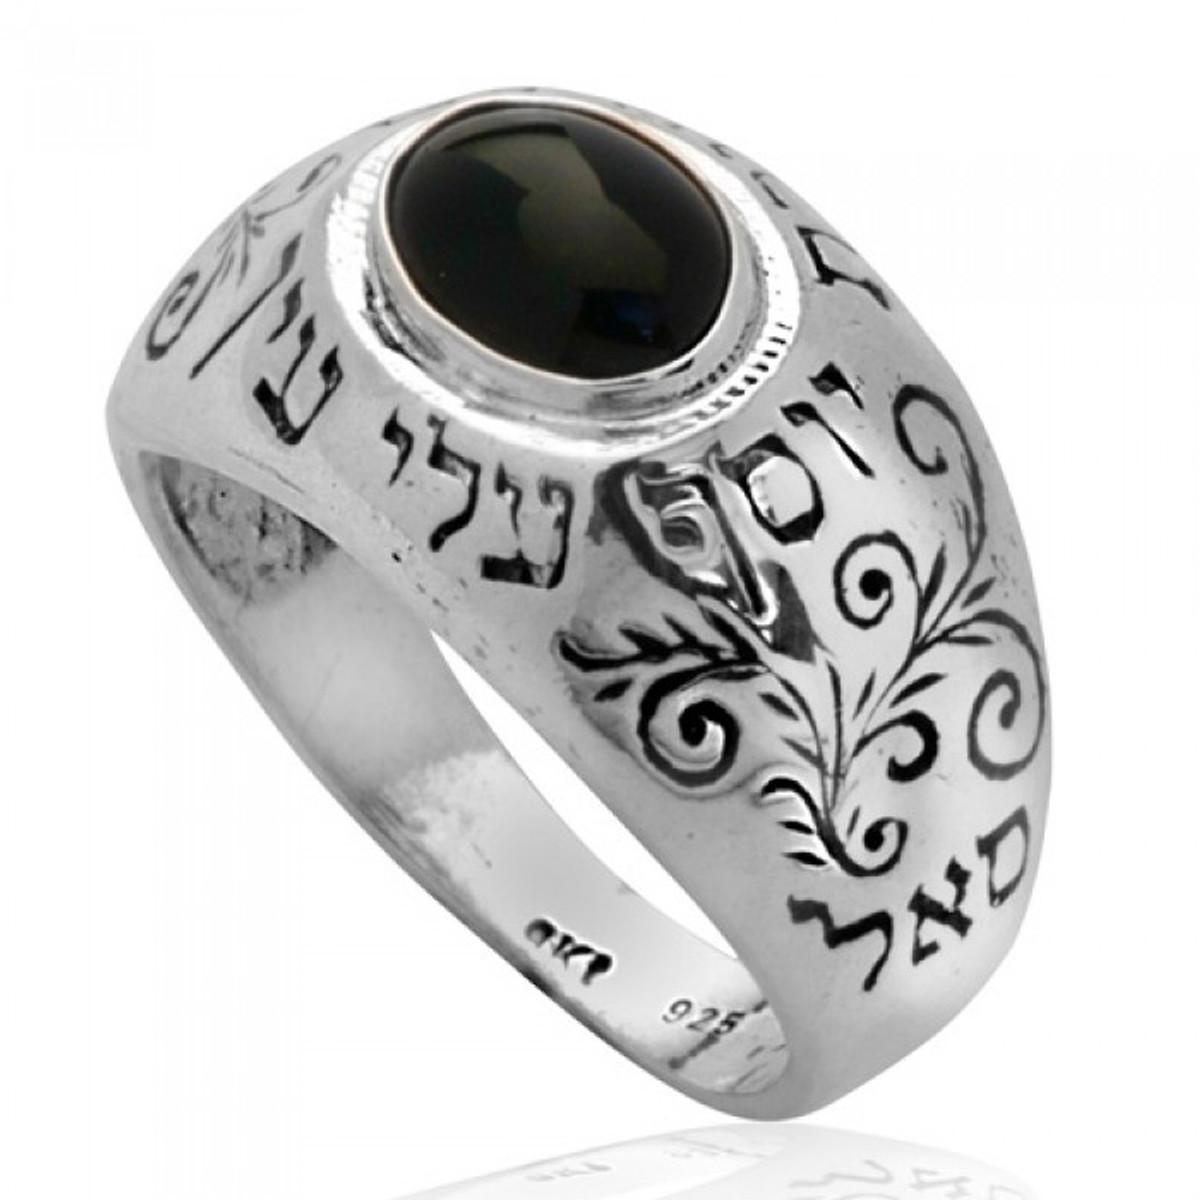 Kabbalah Ben Porat Yosef Ring With An Onyx Inlay